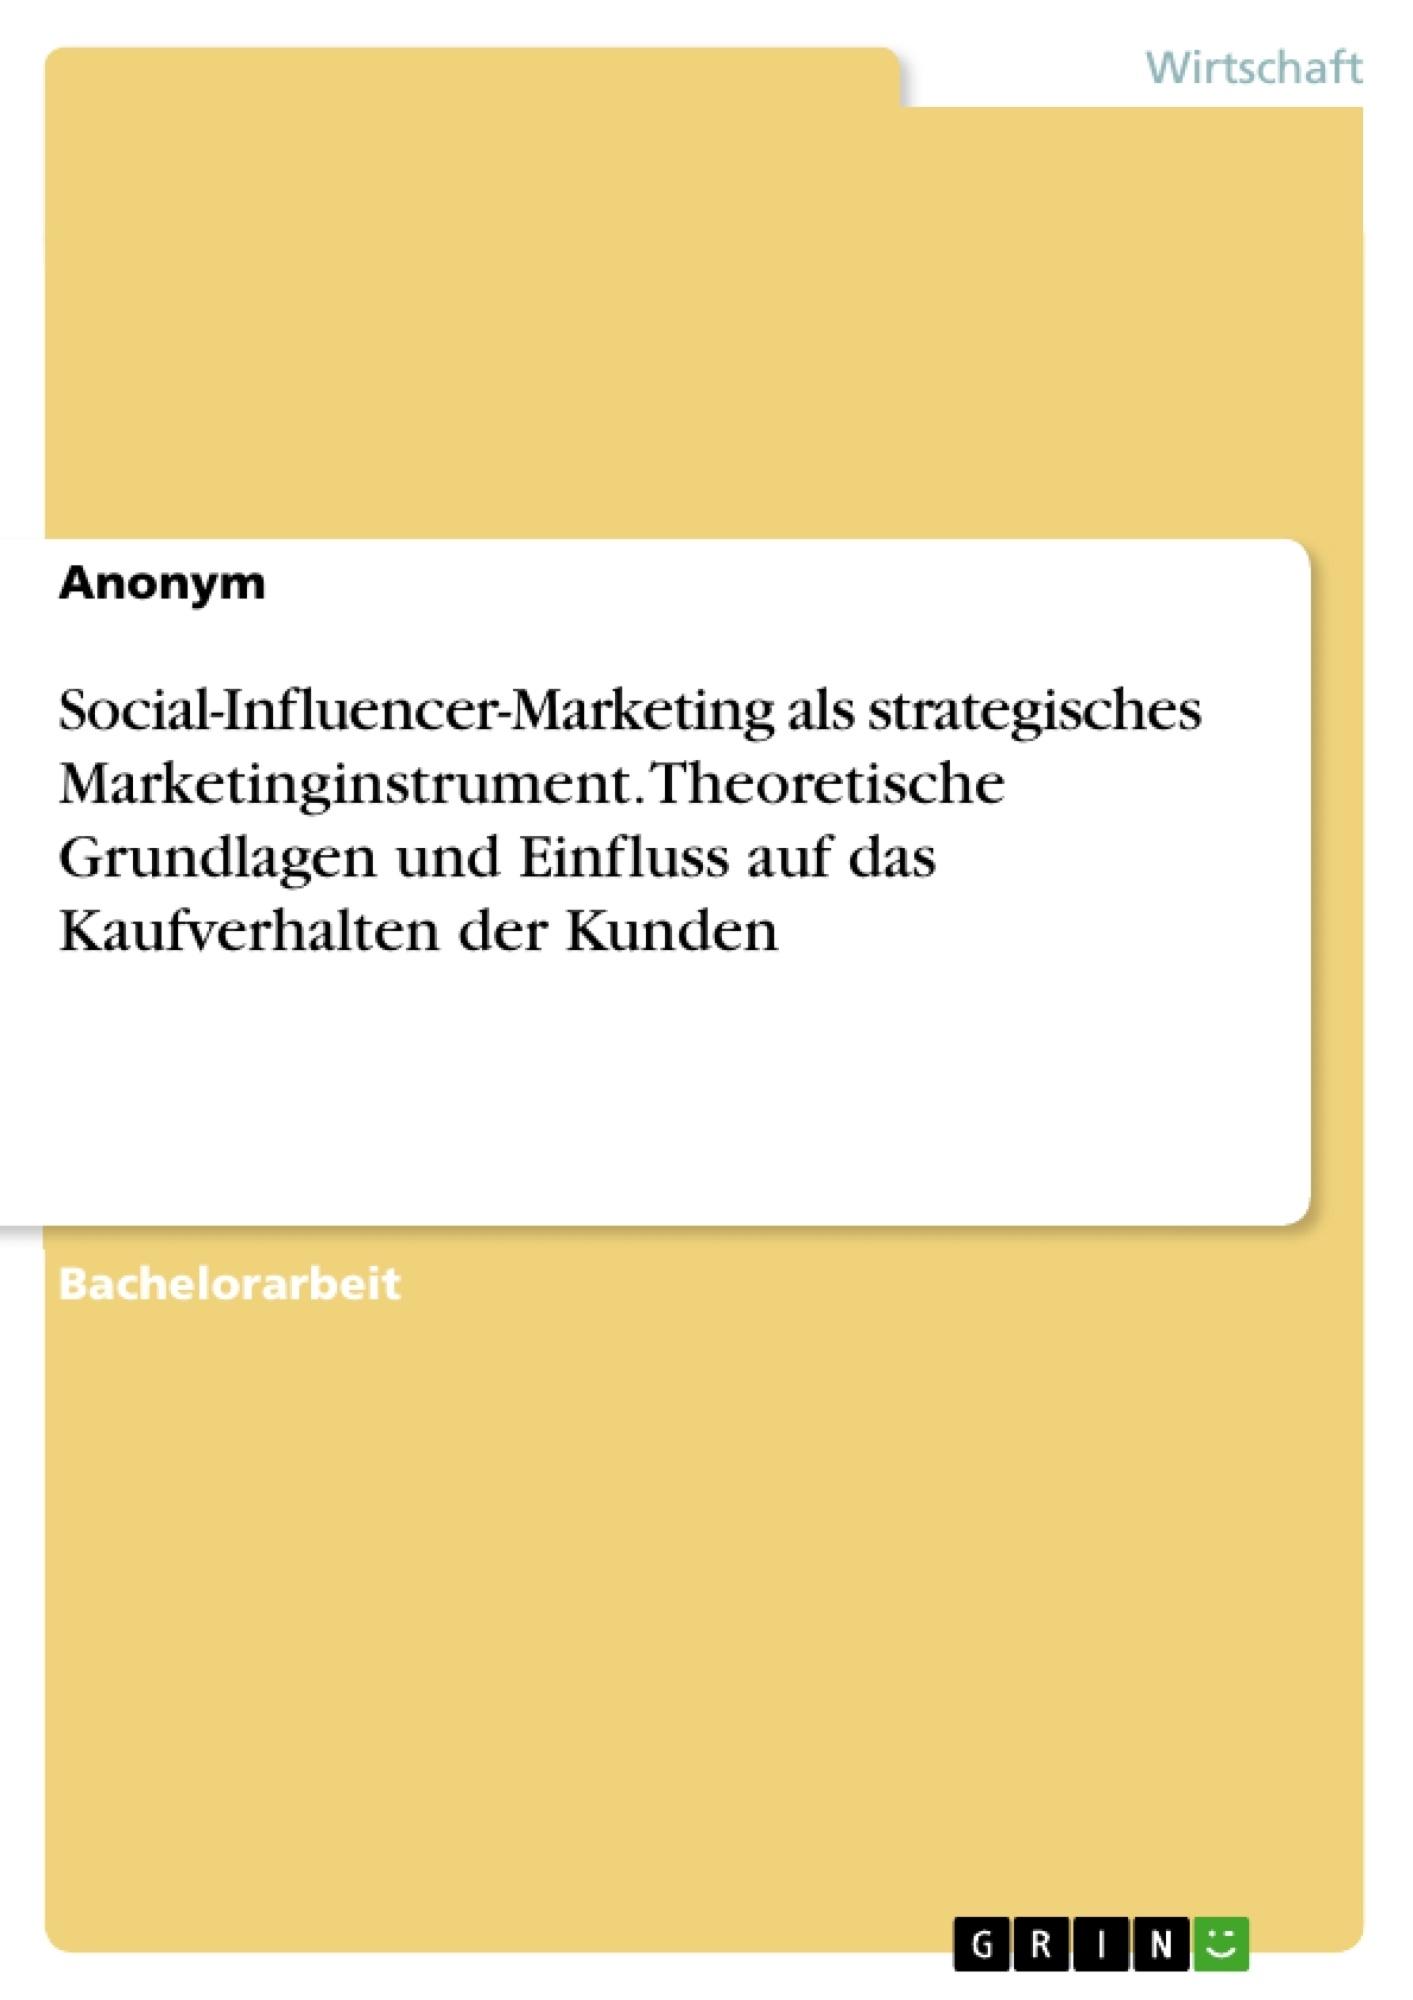 Titel: Social-Influencer-Marketing als strategisches Marketinginstrument. Theoretische Grundlagen und Einfluss auf das Kaufverhalten der Kunden